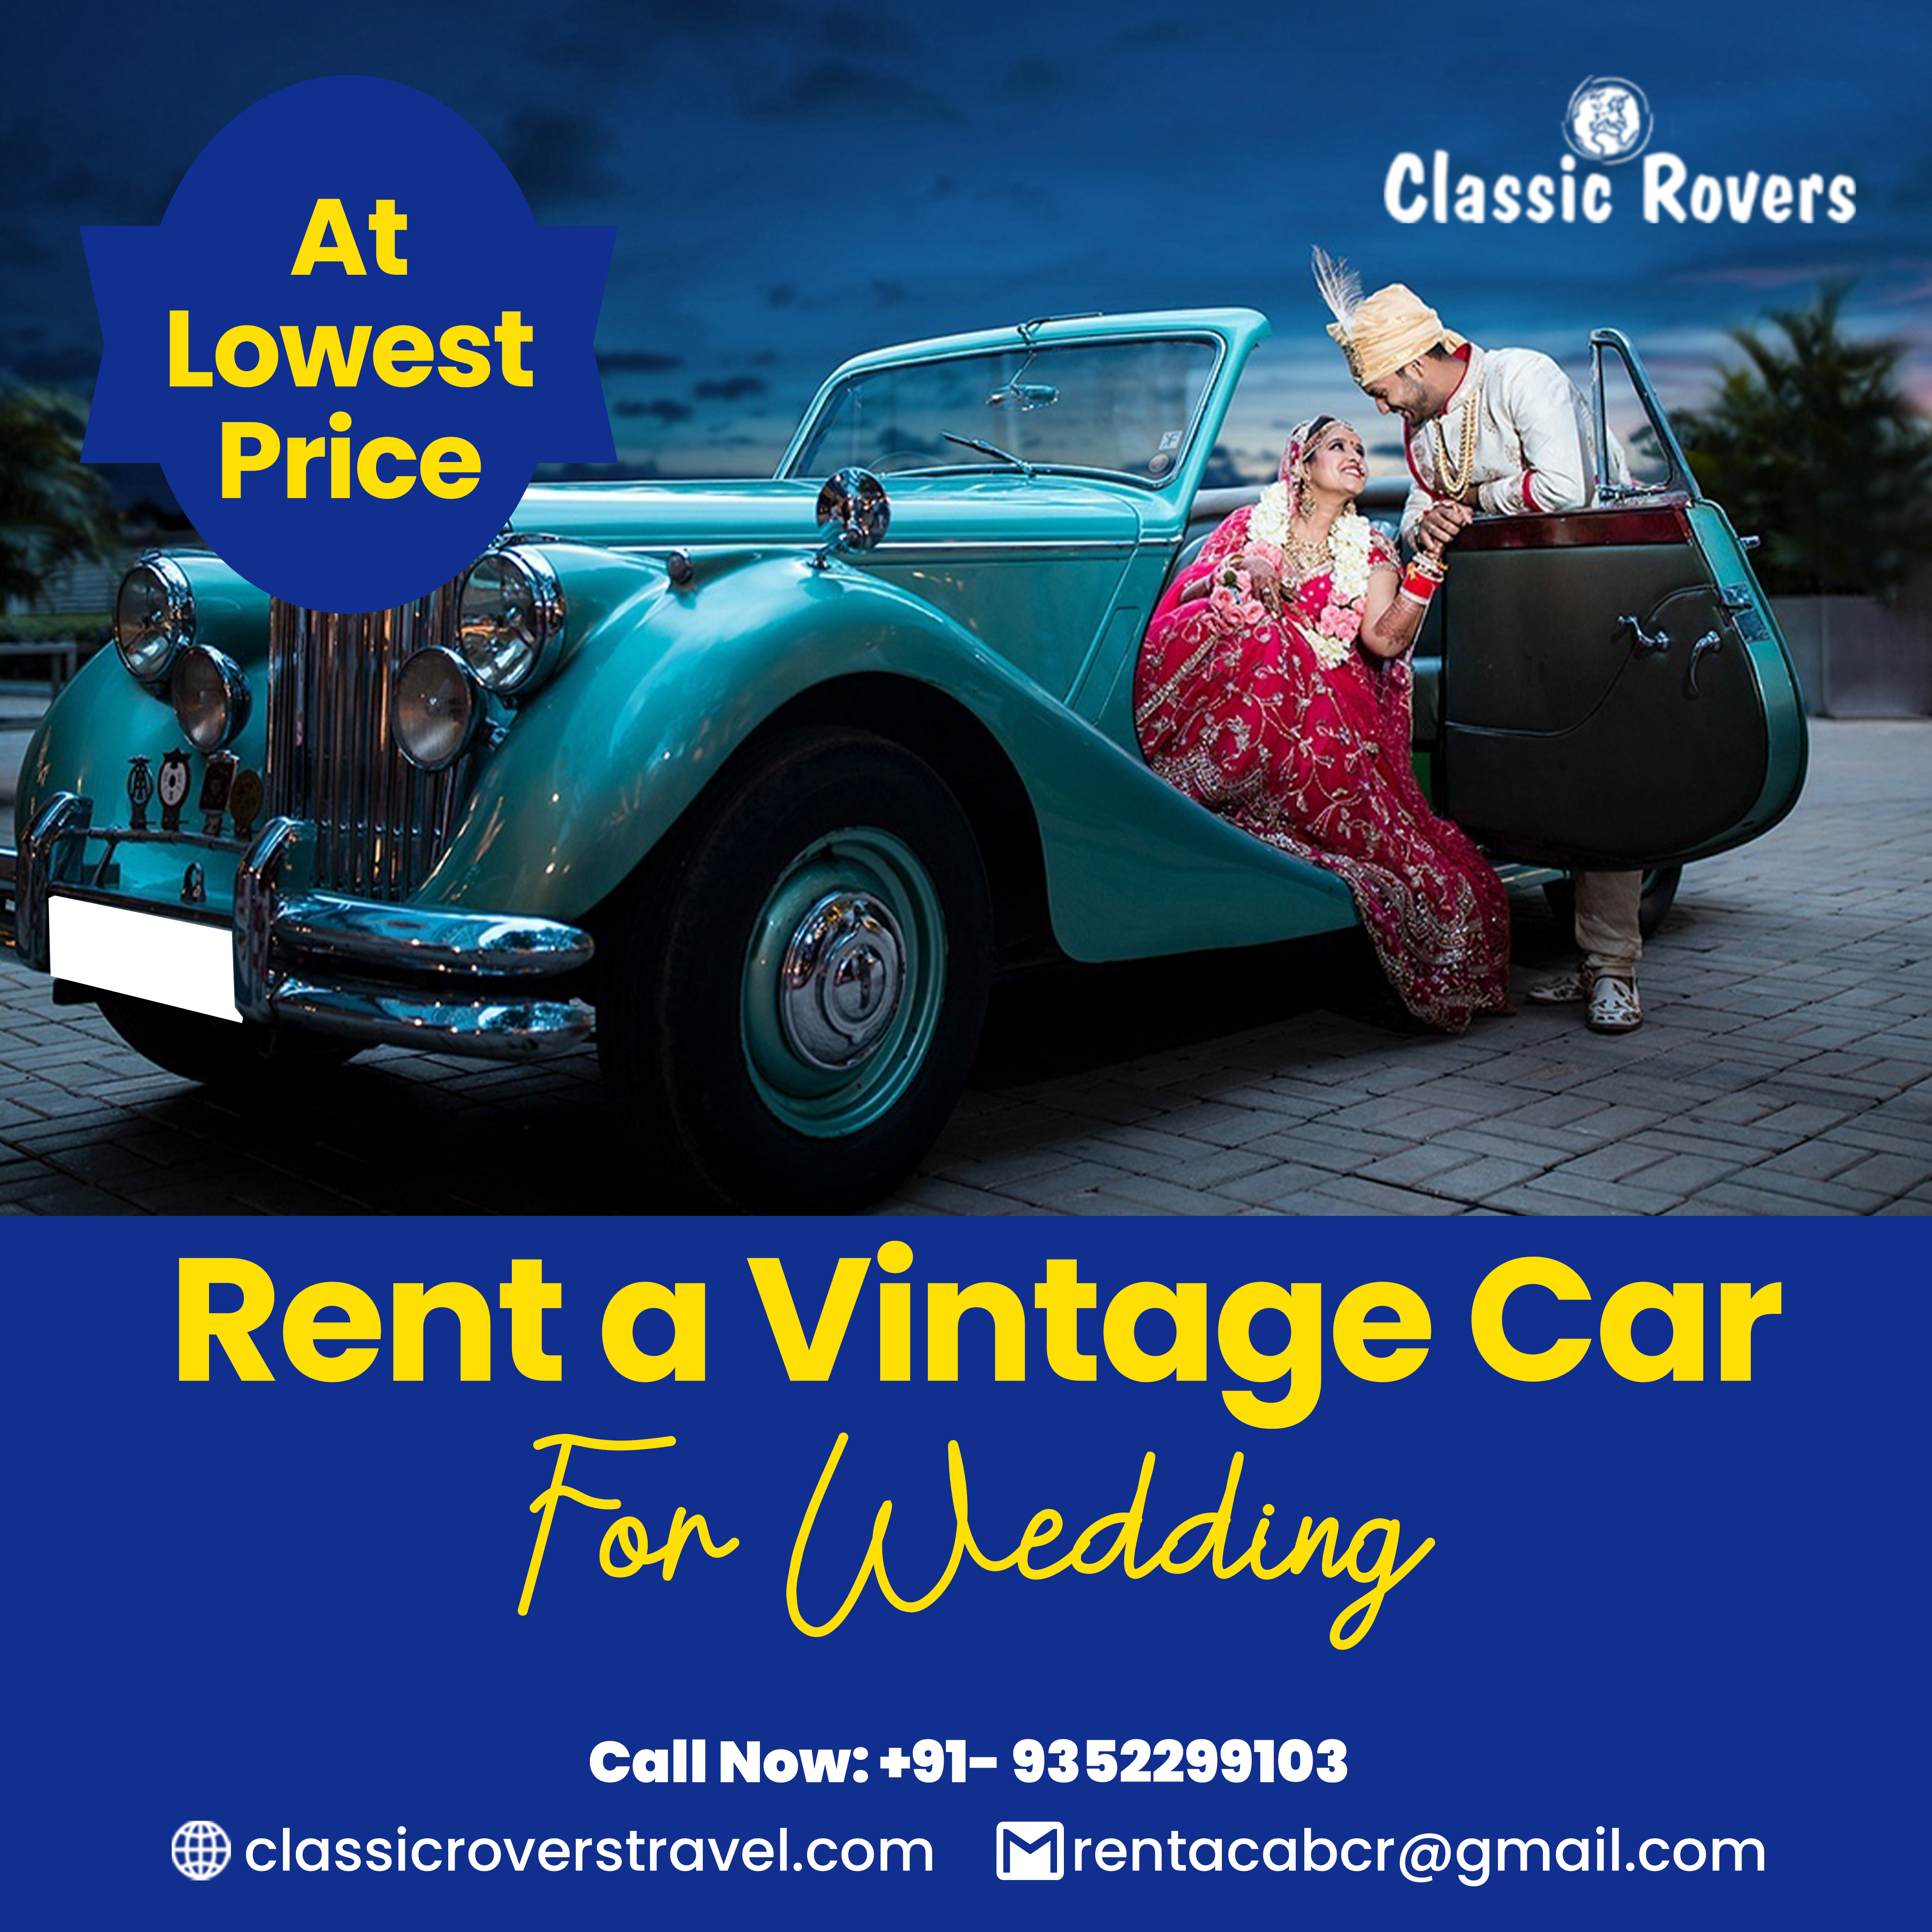 Rent A Vintage Car For Wedding In 2021 Vintage Car Rental Car Rental Vintage Cars